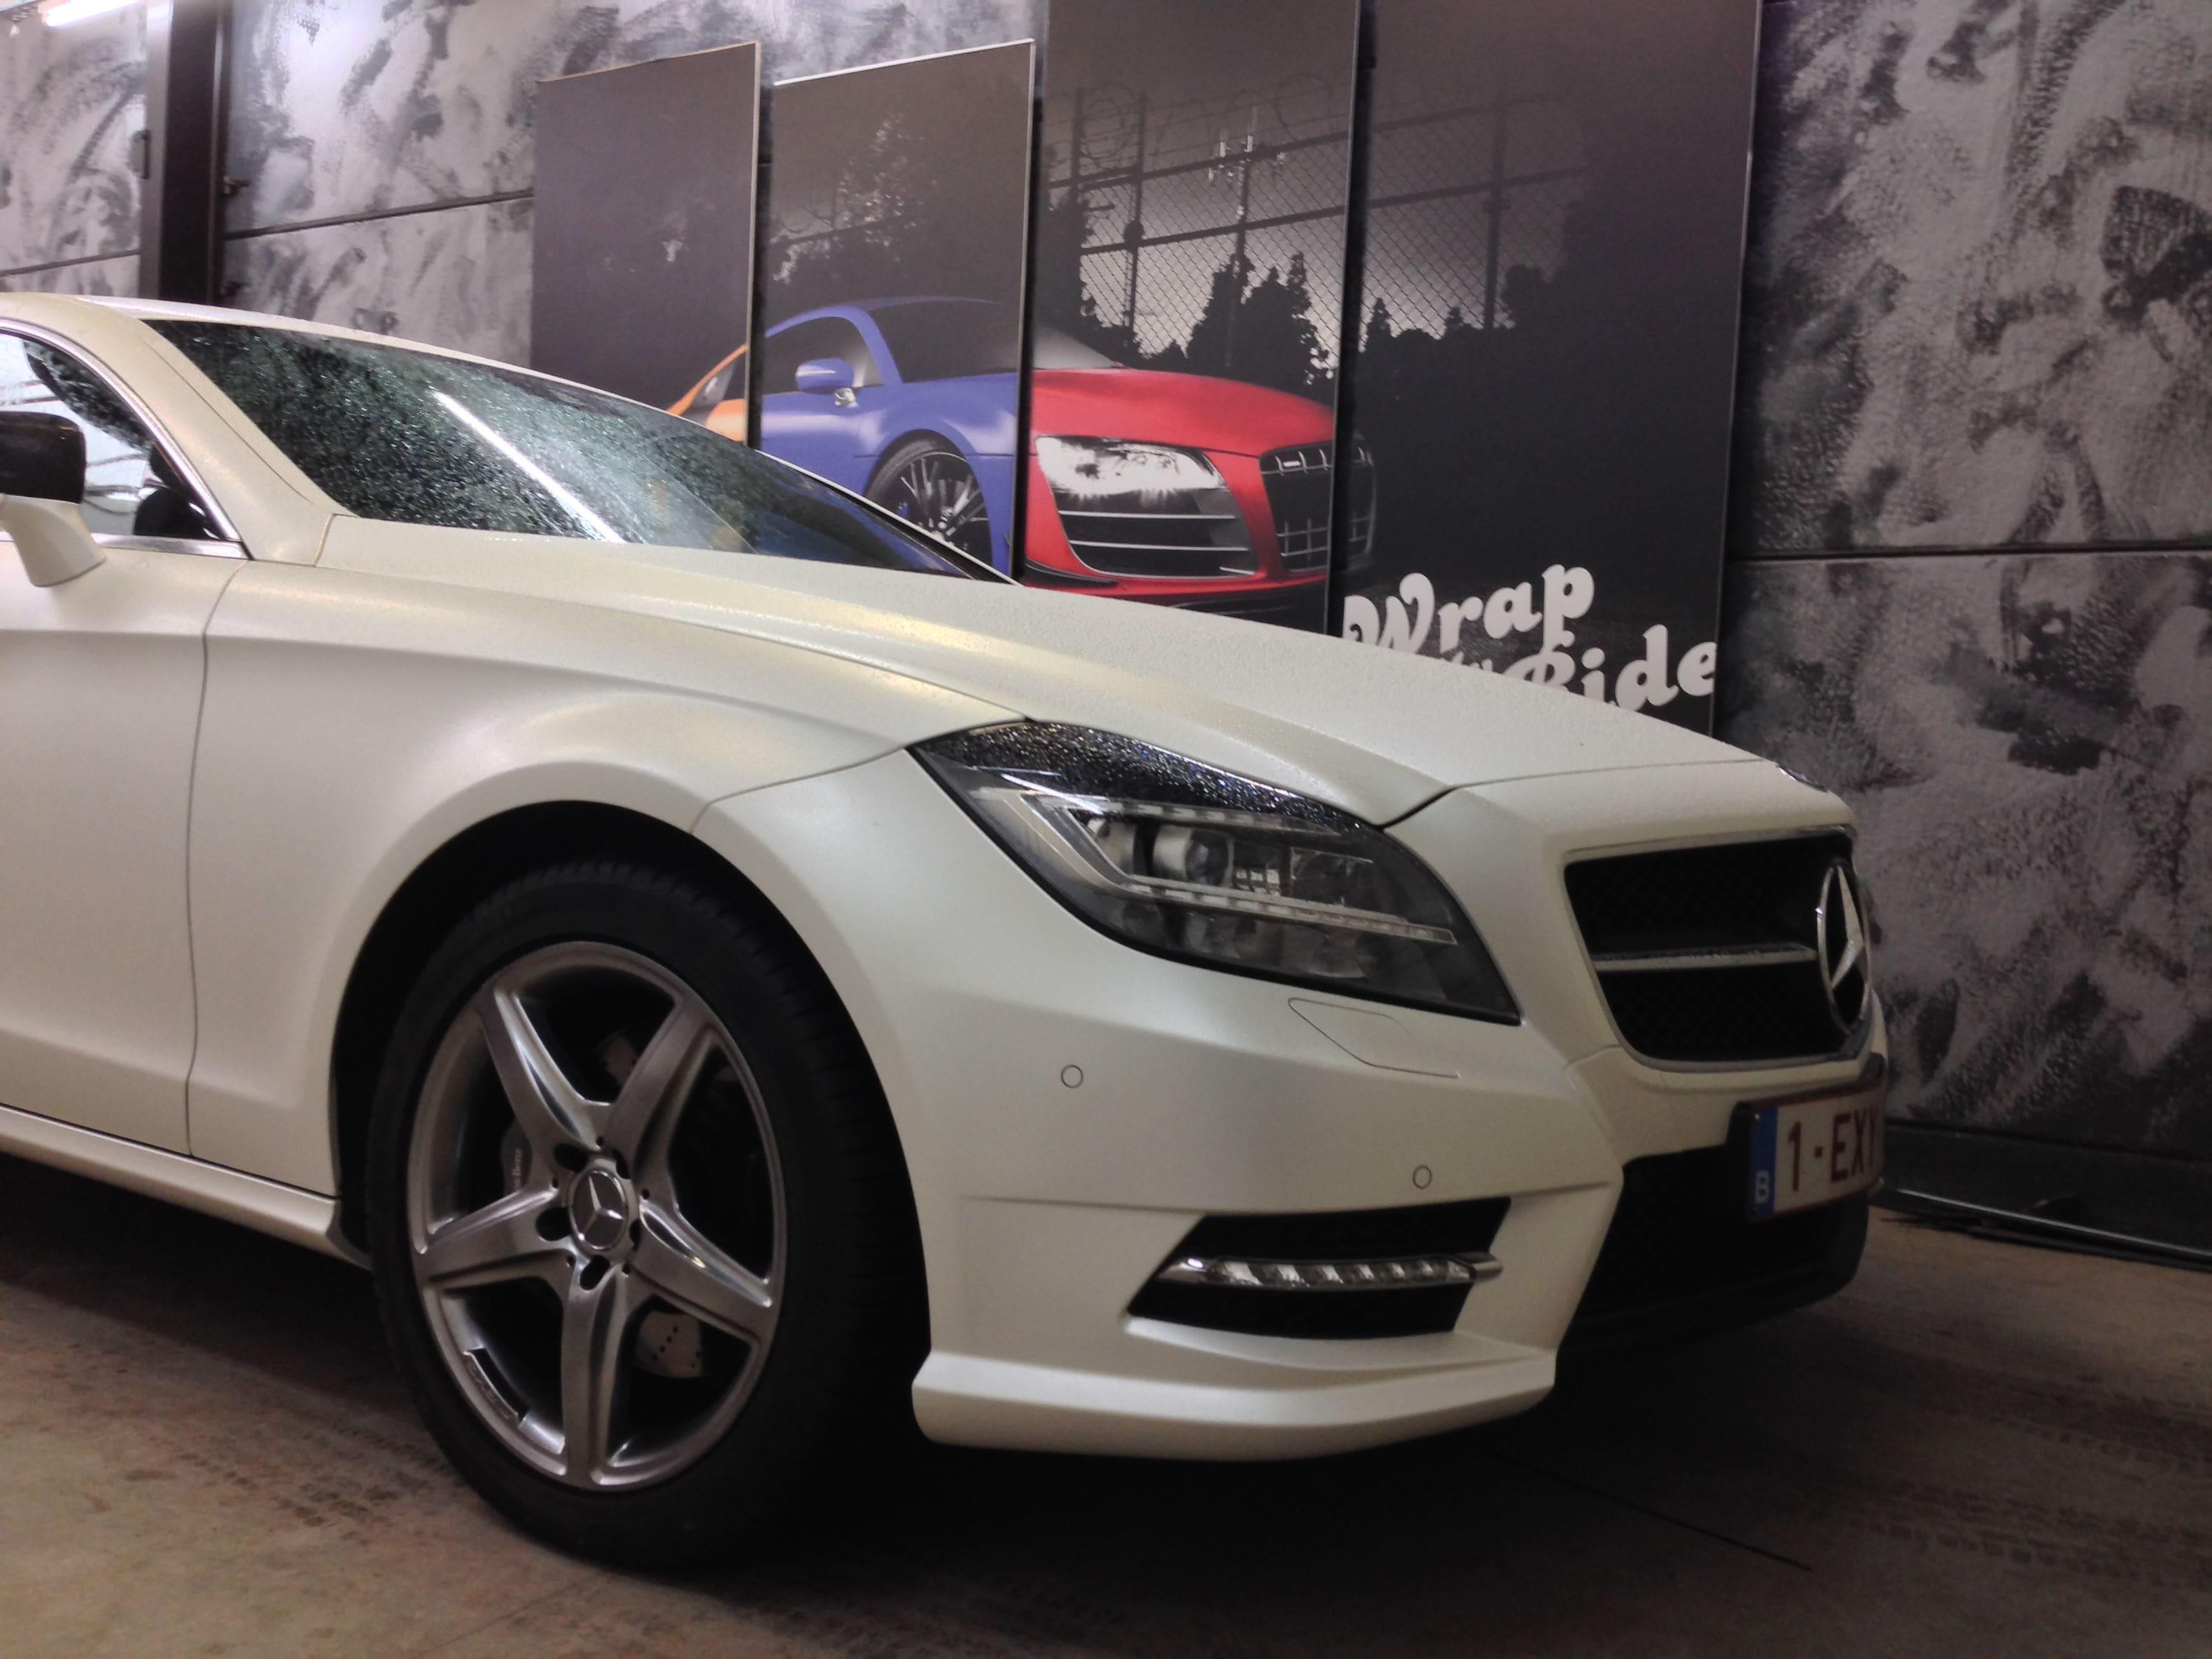 Mercedes CLS met White Satin Pearl Wrap, Carwrapping door Wrapmyride.nu Foto-nr:6221, ©2021